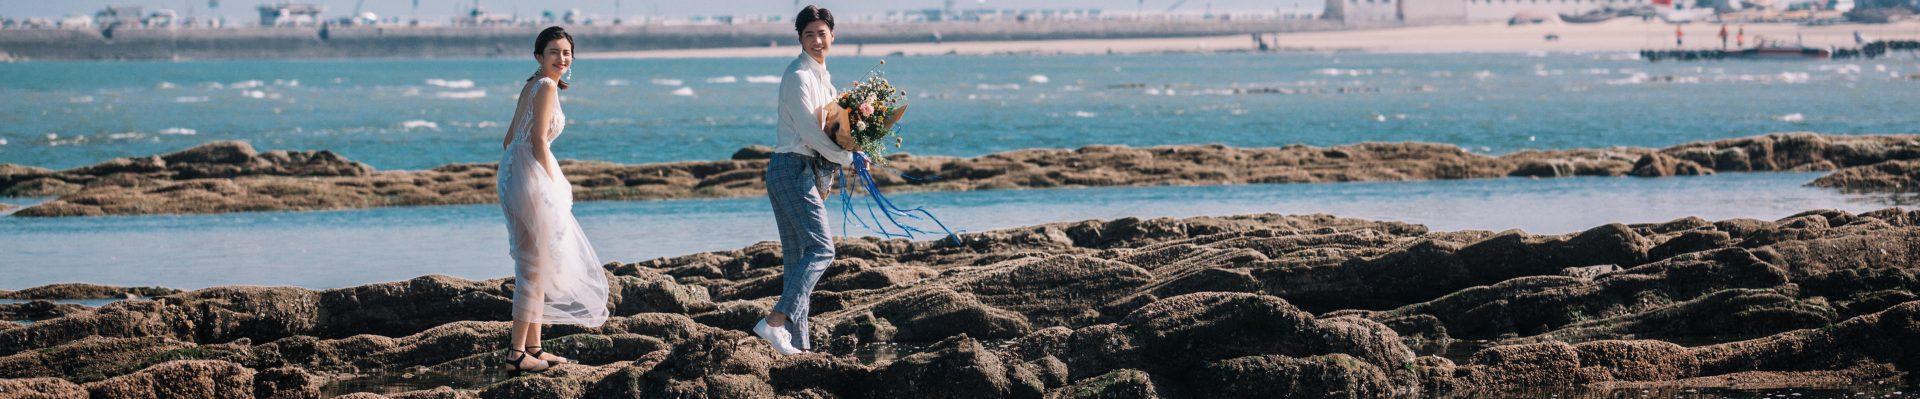 台南婚攝Eki-婚禮記錄|婚禮攝影|自助婚紗|婚紗攝影|婚紗照